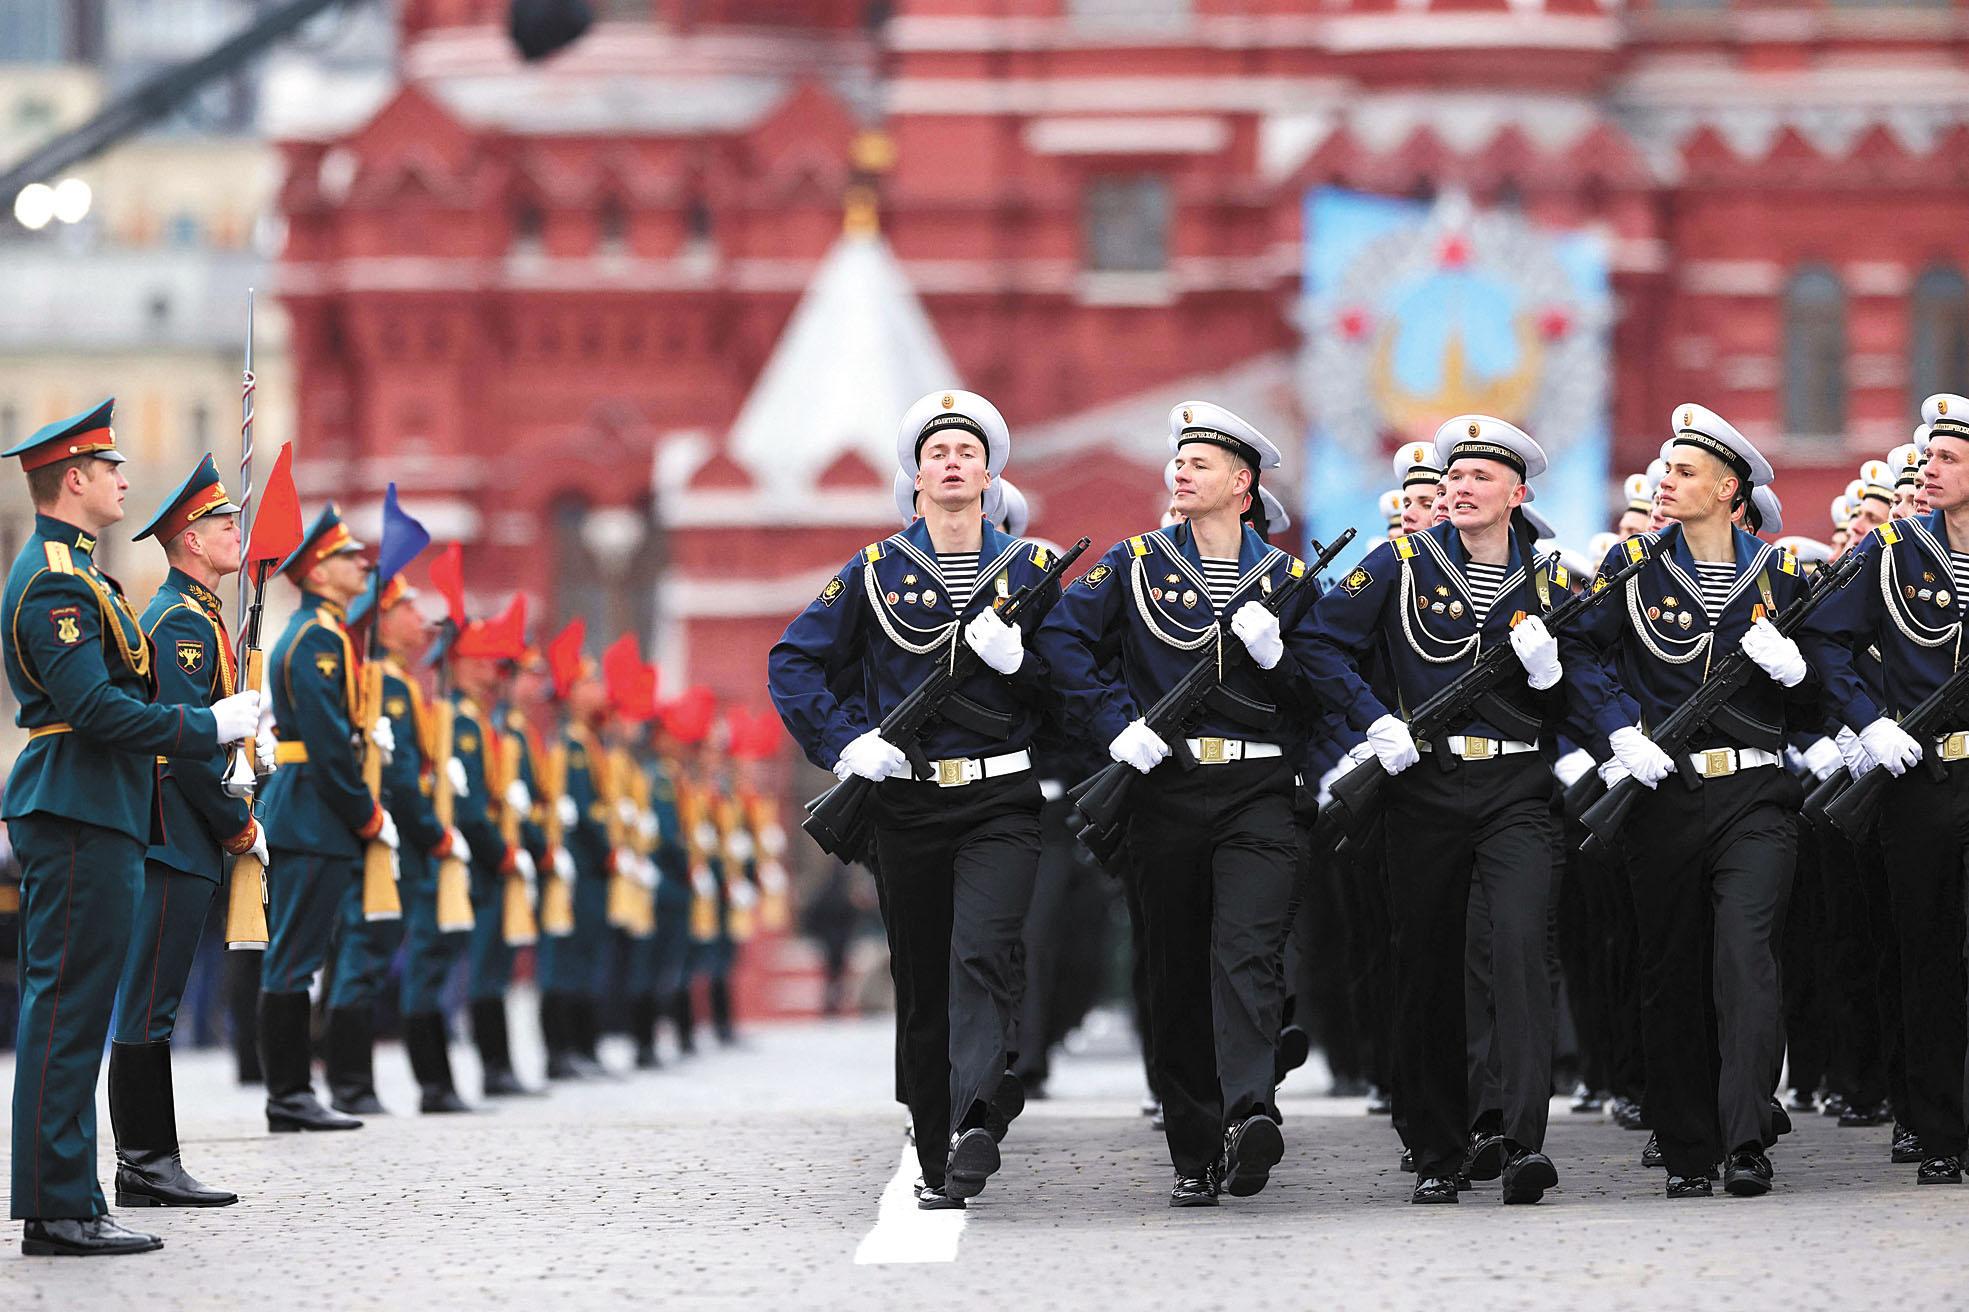 俄羅斯水手們沿著紅場前進。法新社